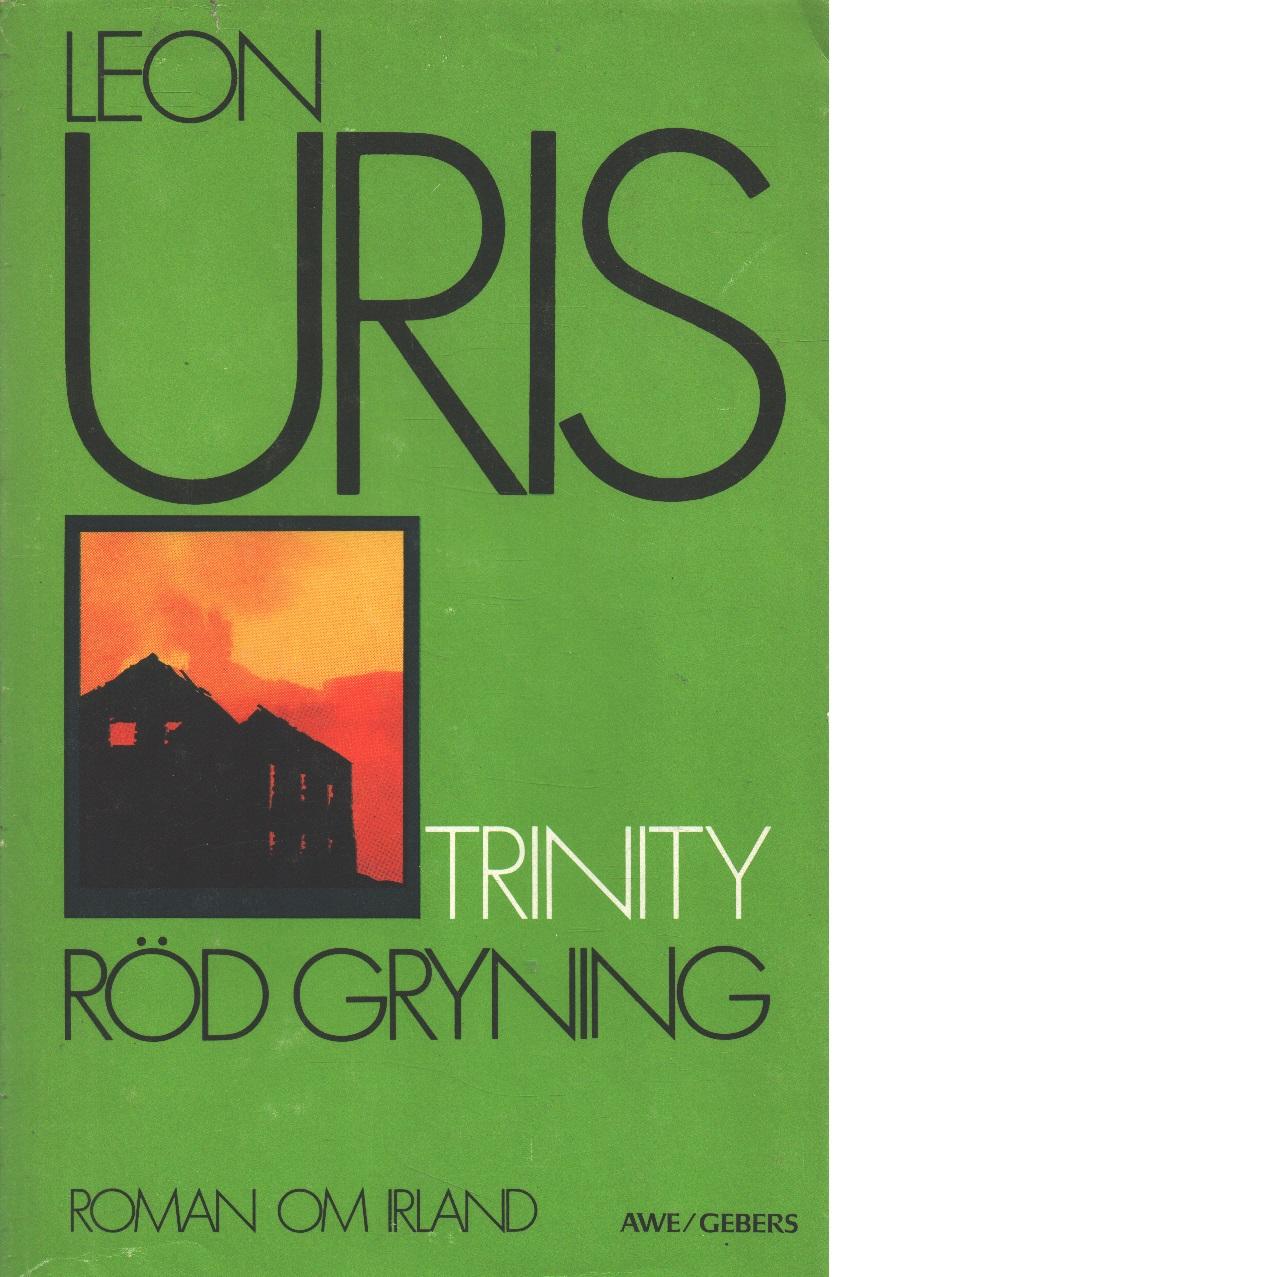 Röd gryning 1 Trinity - Uris, Leon